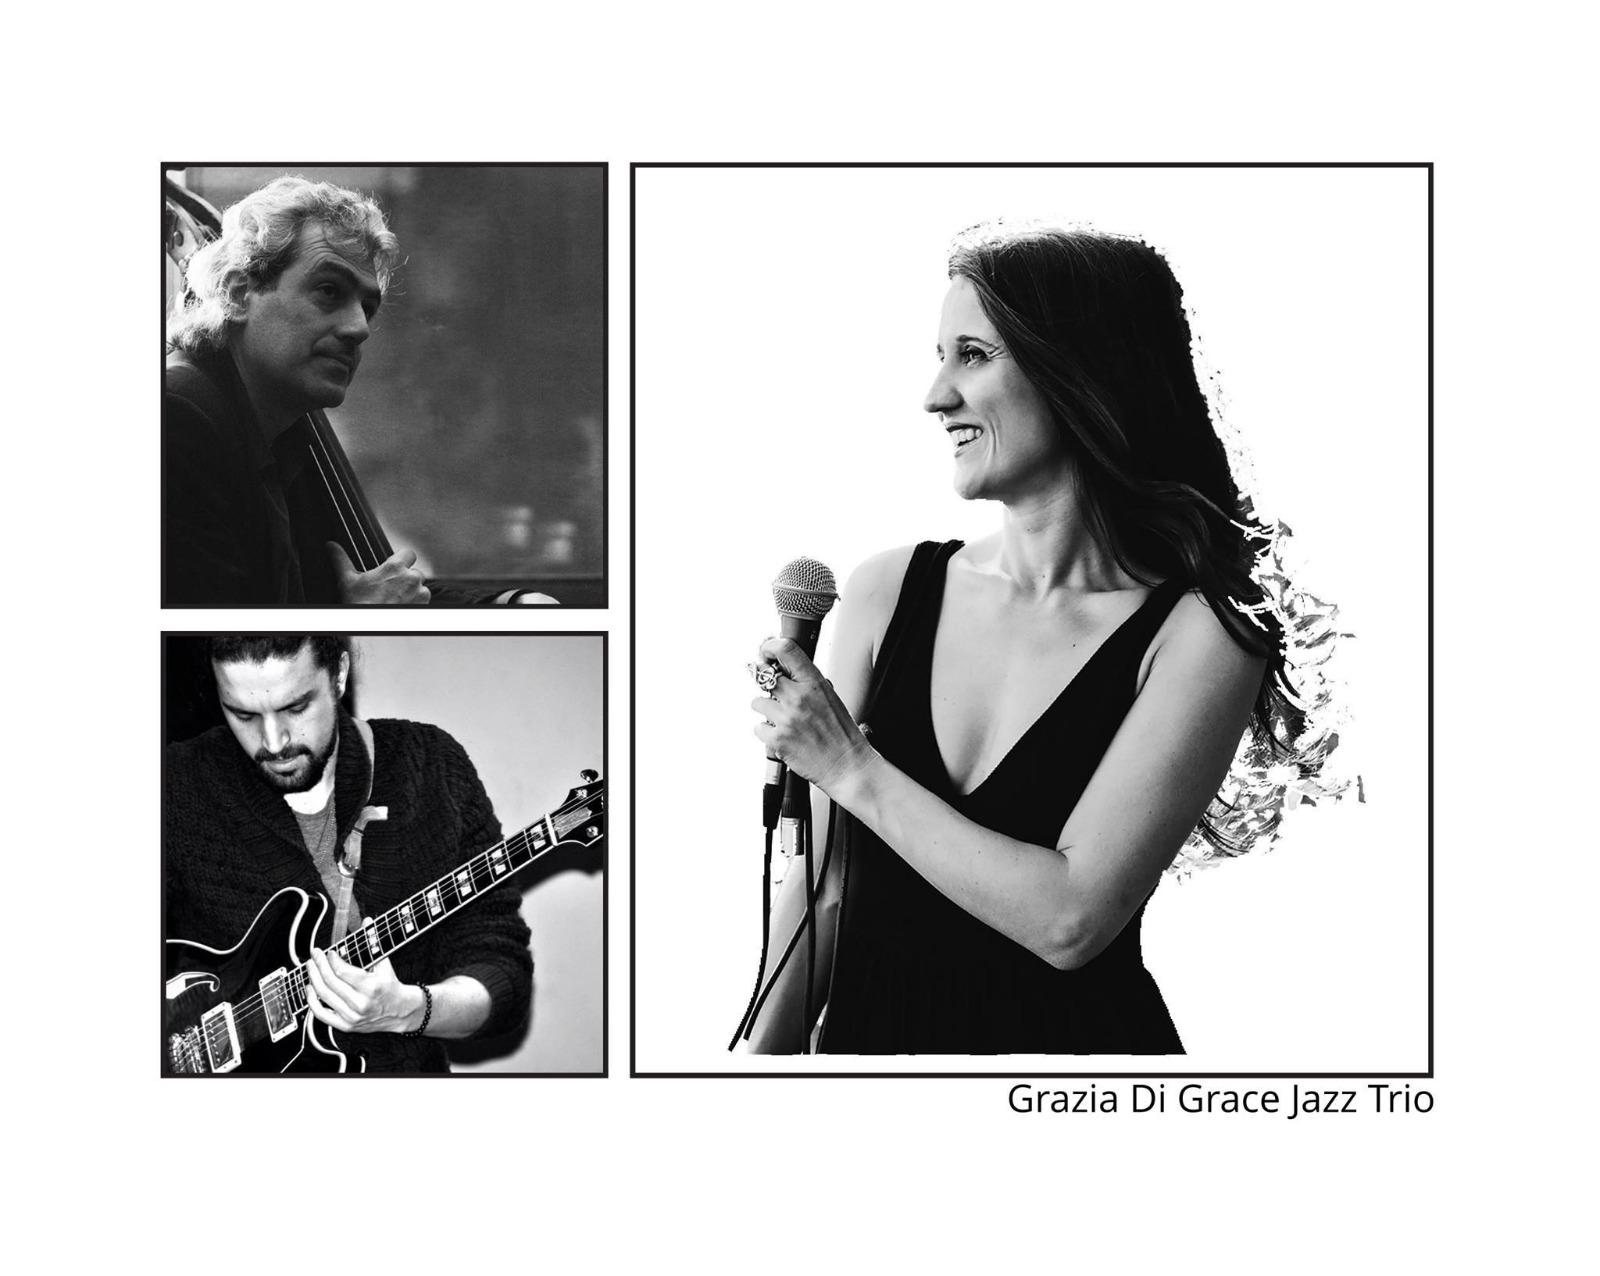 Der Jazz von Grazia Di Grace beim Verona Mura Festival, mit Gin-Verkostung